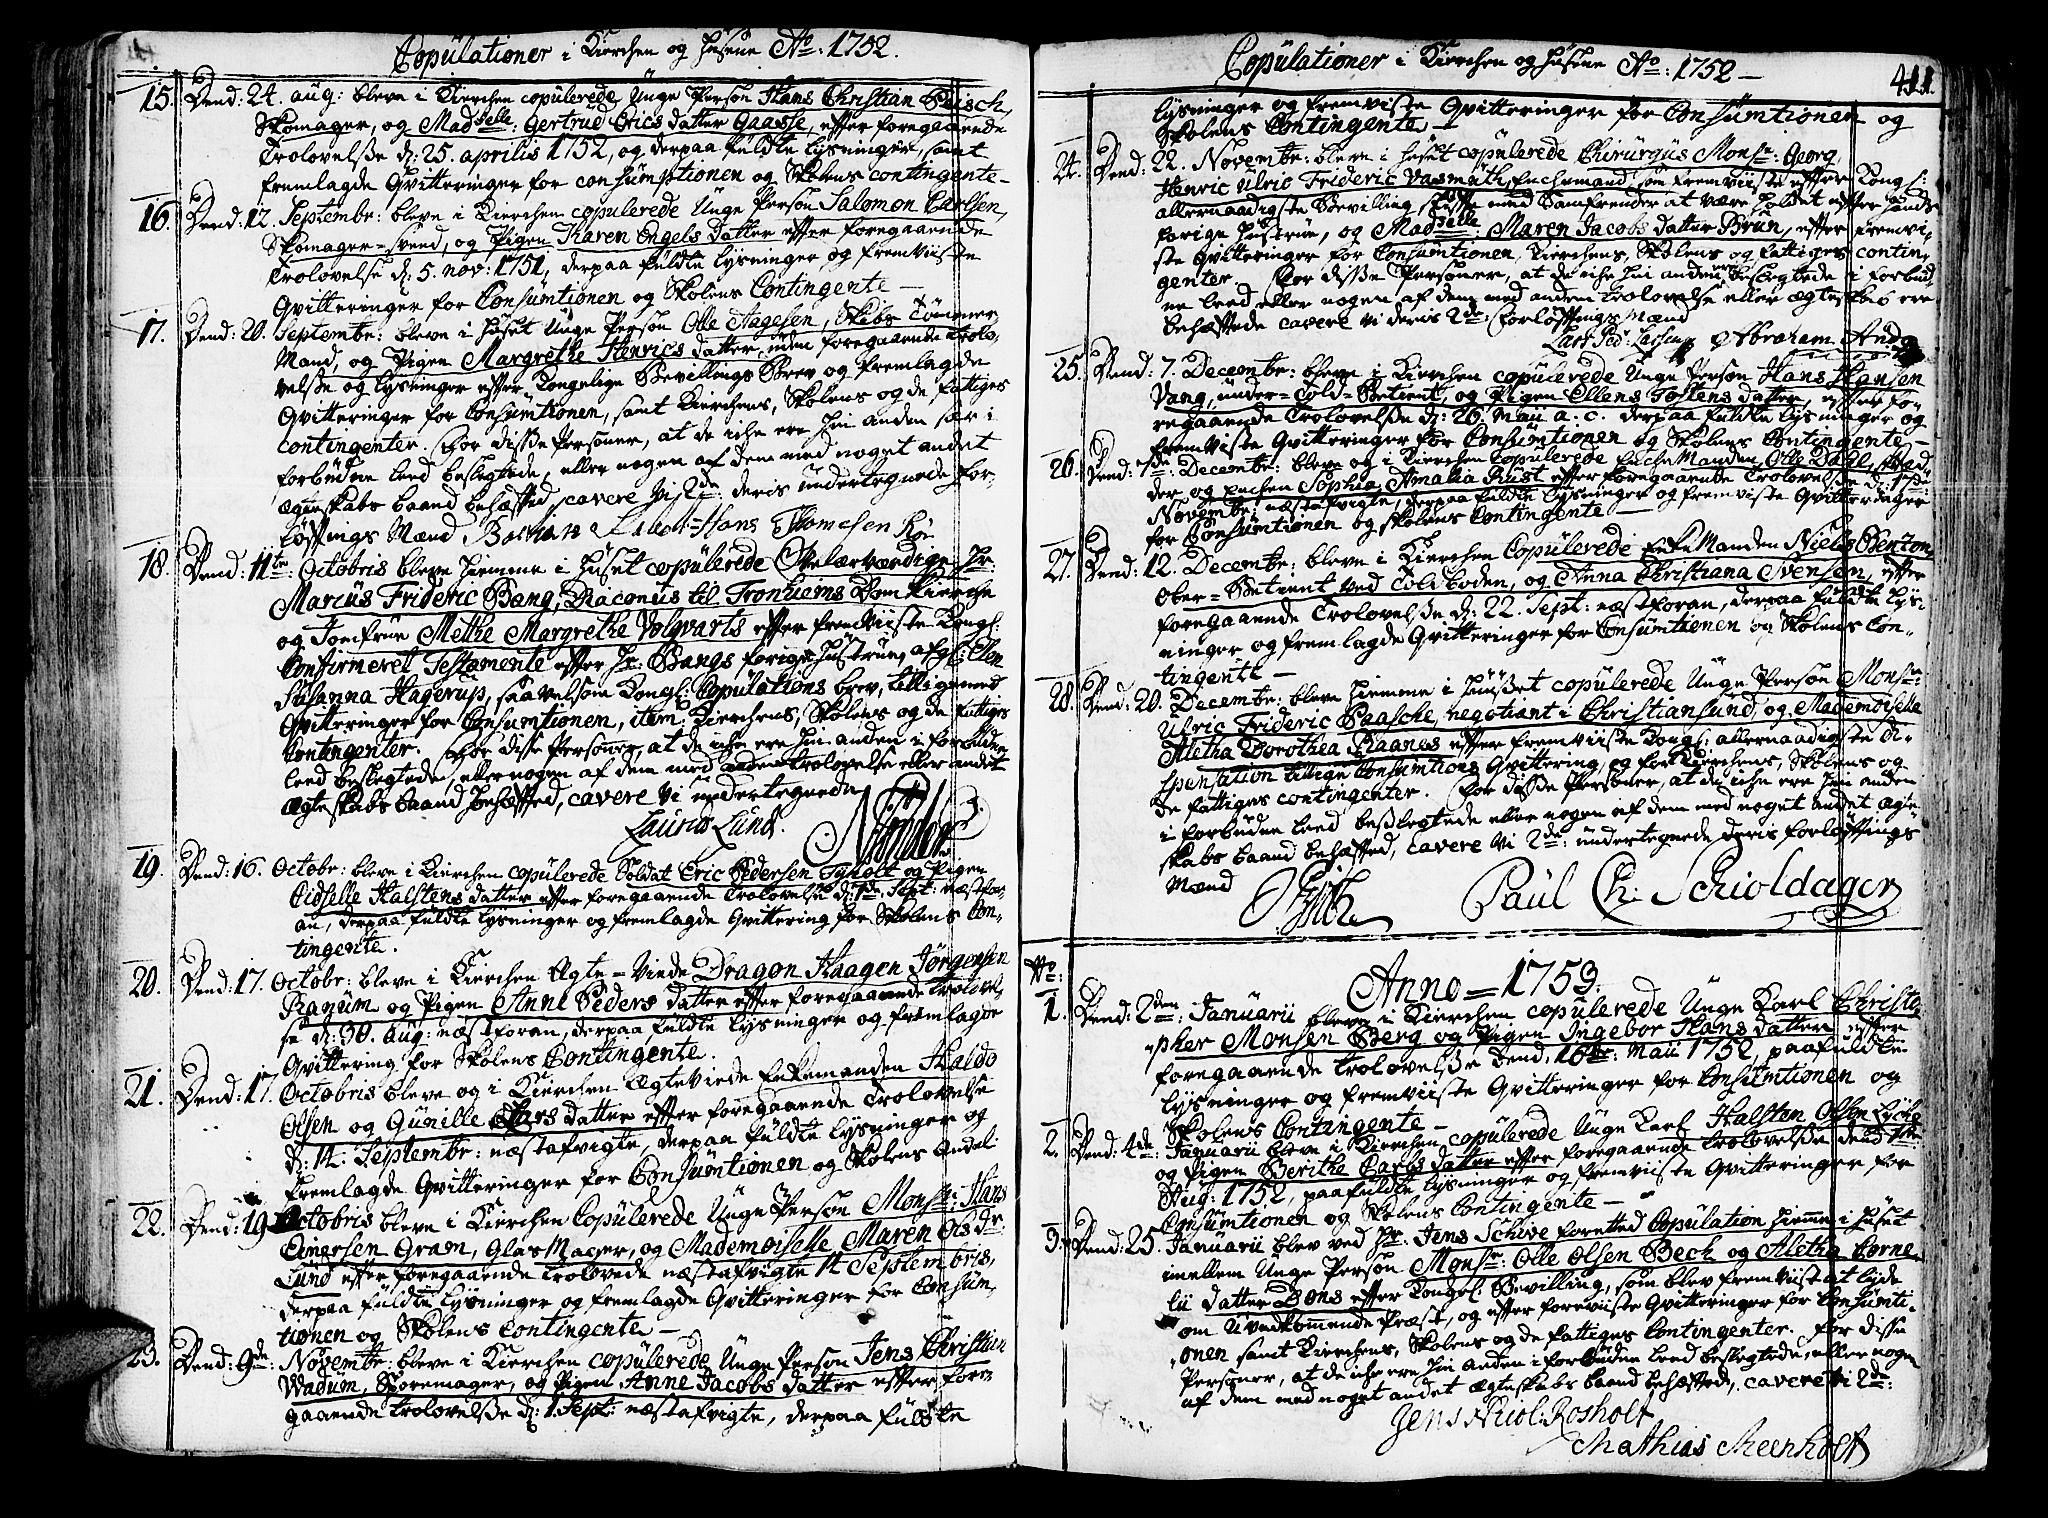 SAT, Ministerialprotokoller, klokkerbøker og fødselsregistre - Sør-Trøndelag, 602/L0103: Ministerialbok nr. 602A01, 1732-1774, s. 411